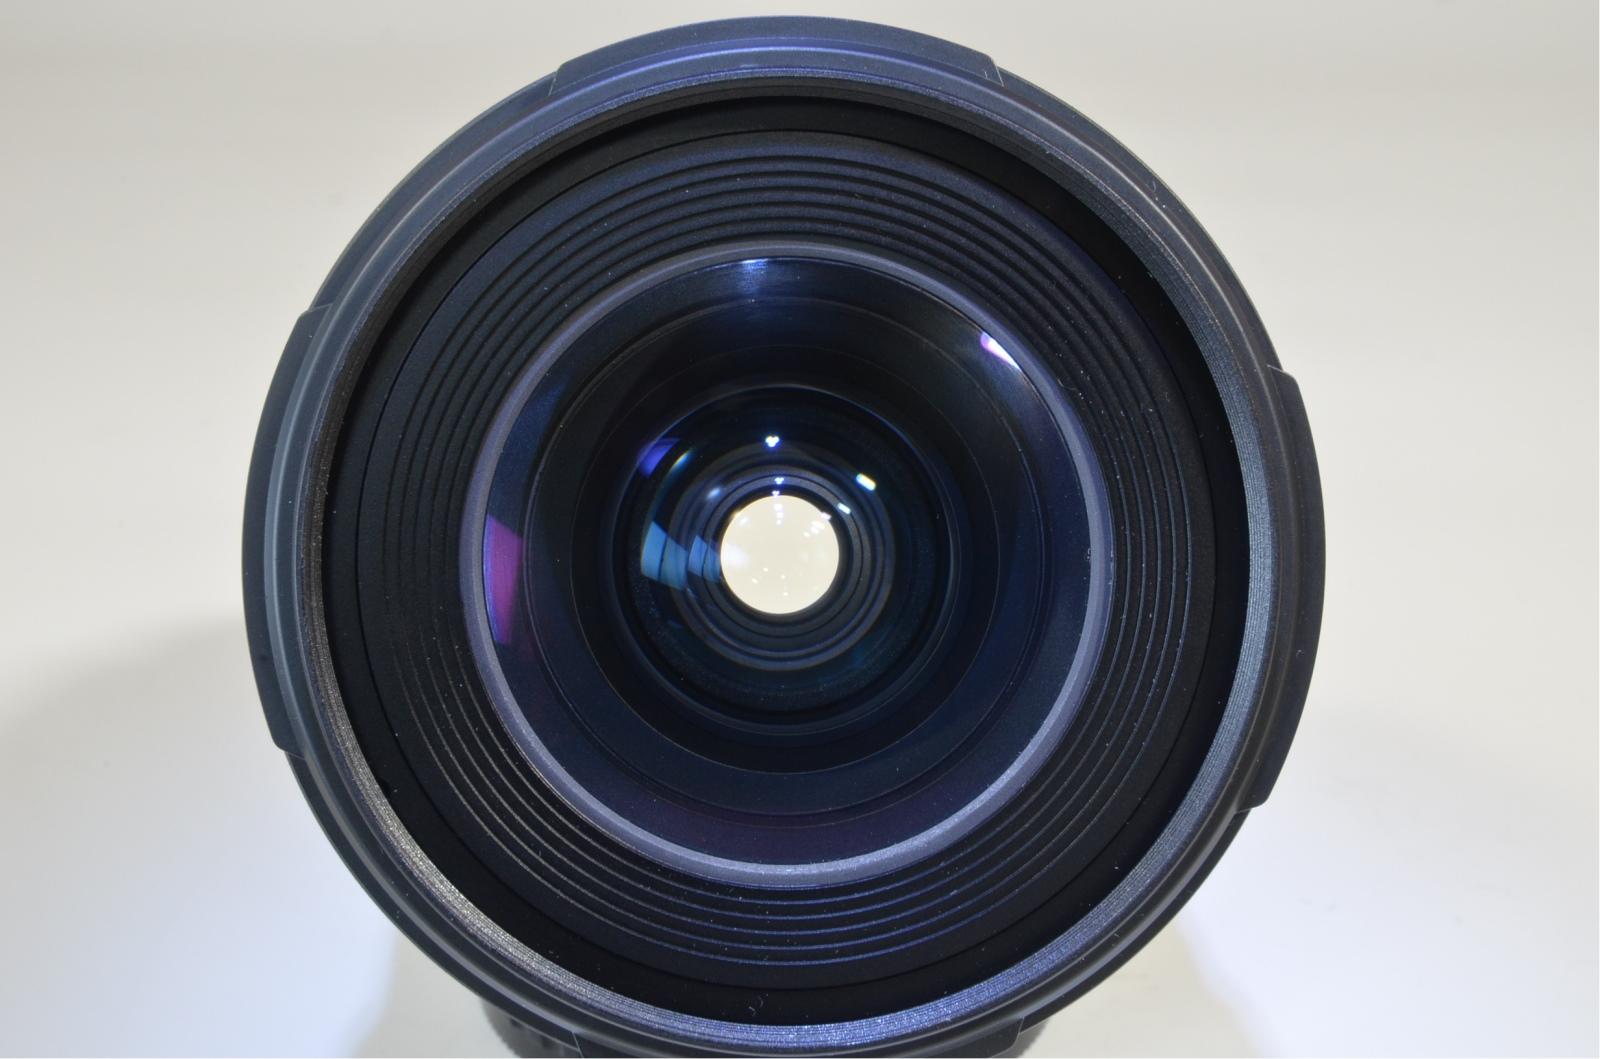 pentax fa 20-35mm f4 al